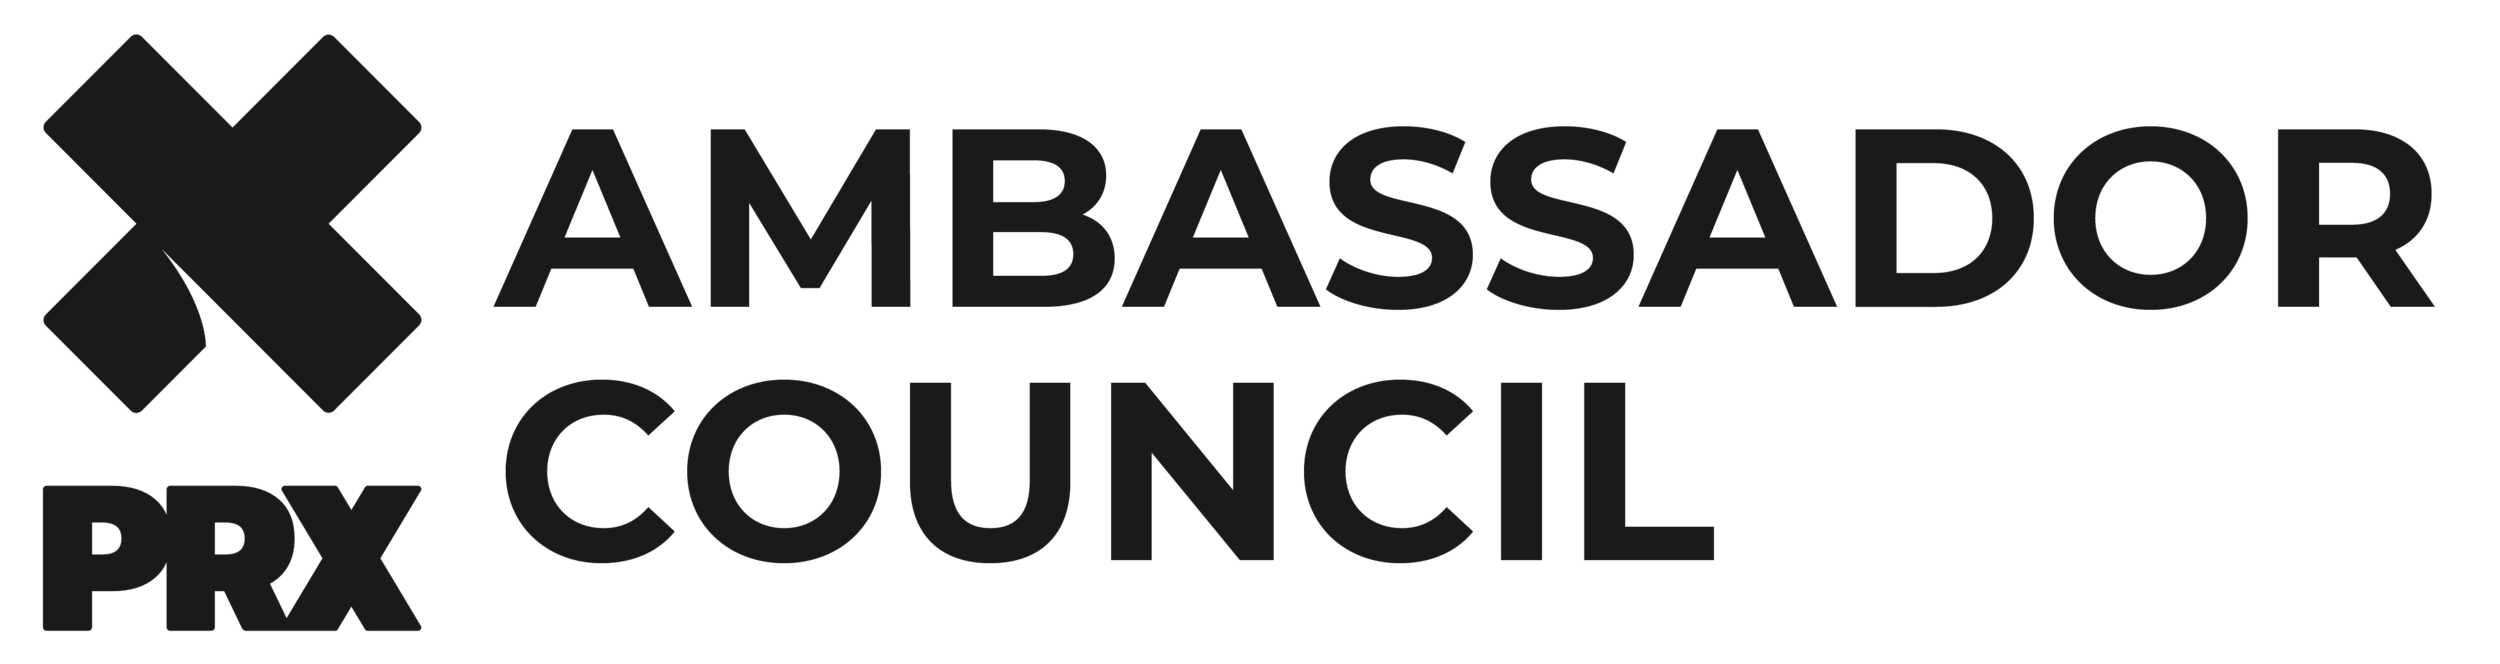 PRX Ambassador Council Logo - Med.png